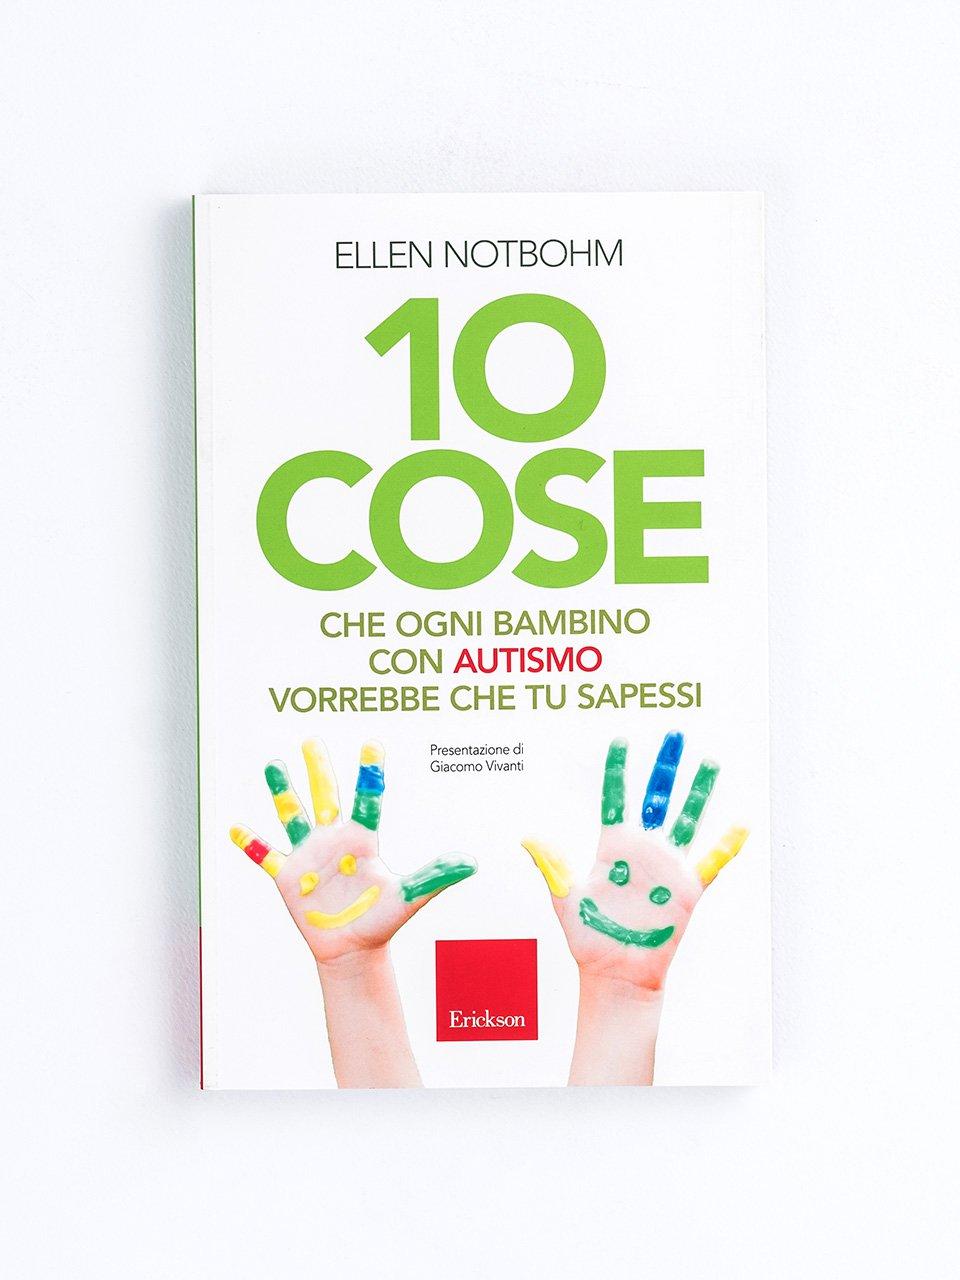 10 cose che ogni bambino con autismo vorrebbe che tu sapessi - Il nostro autismo quotidiano - Libri - Erickson